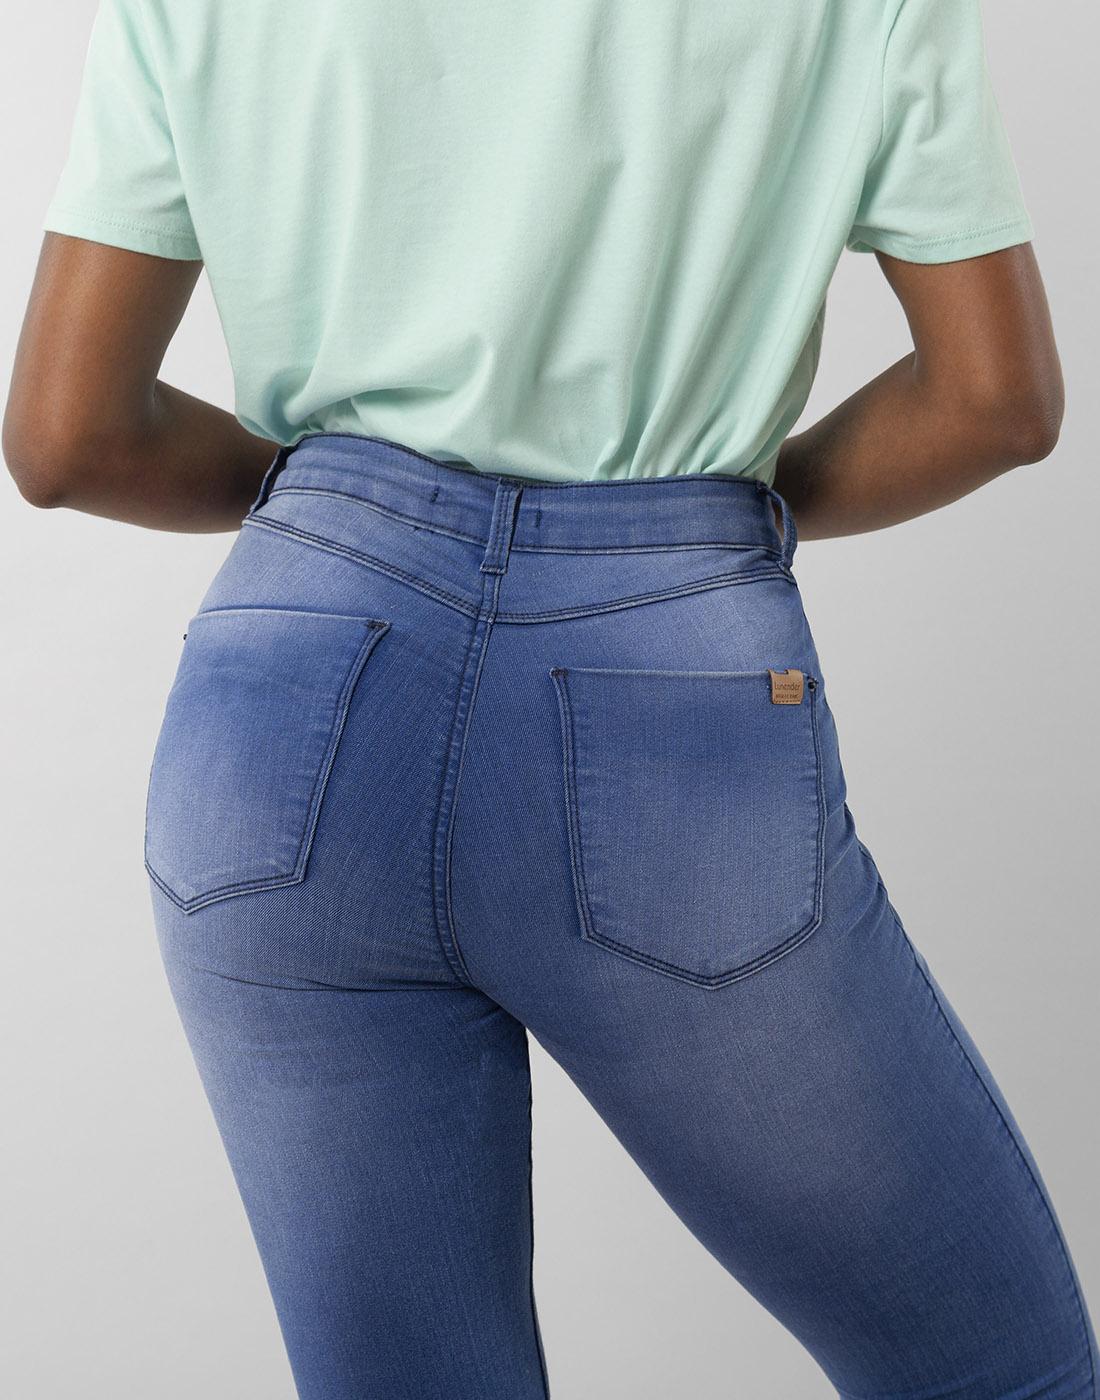 Calça Skinny Fit For Me Jeans Médio Lunender